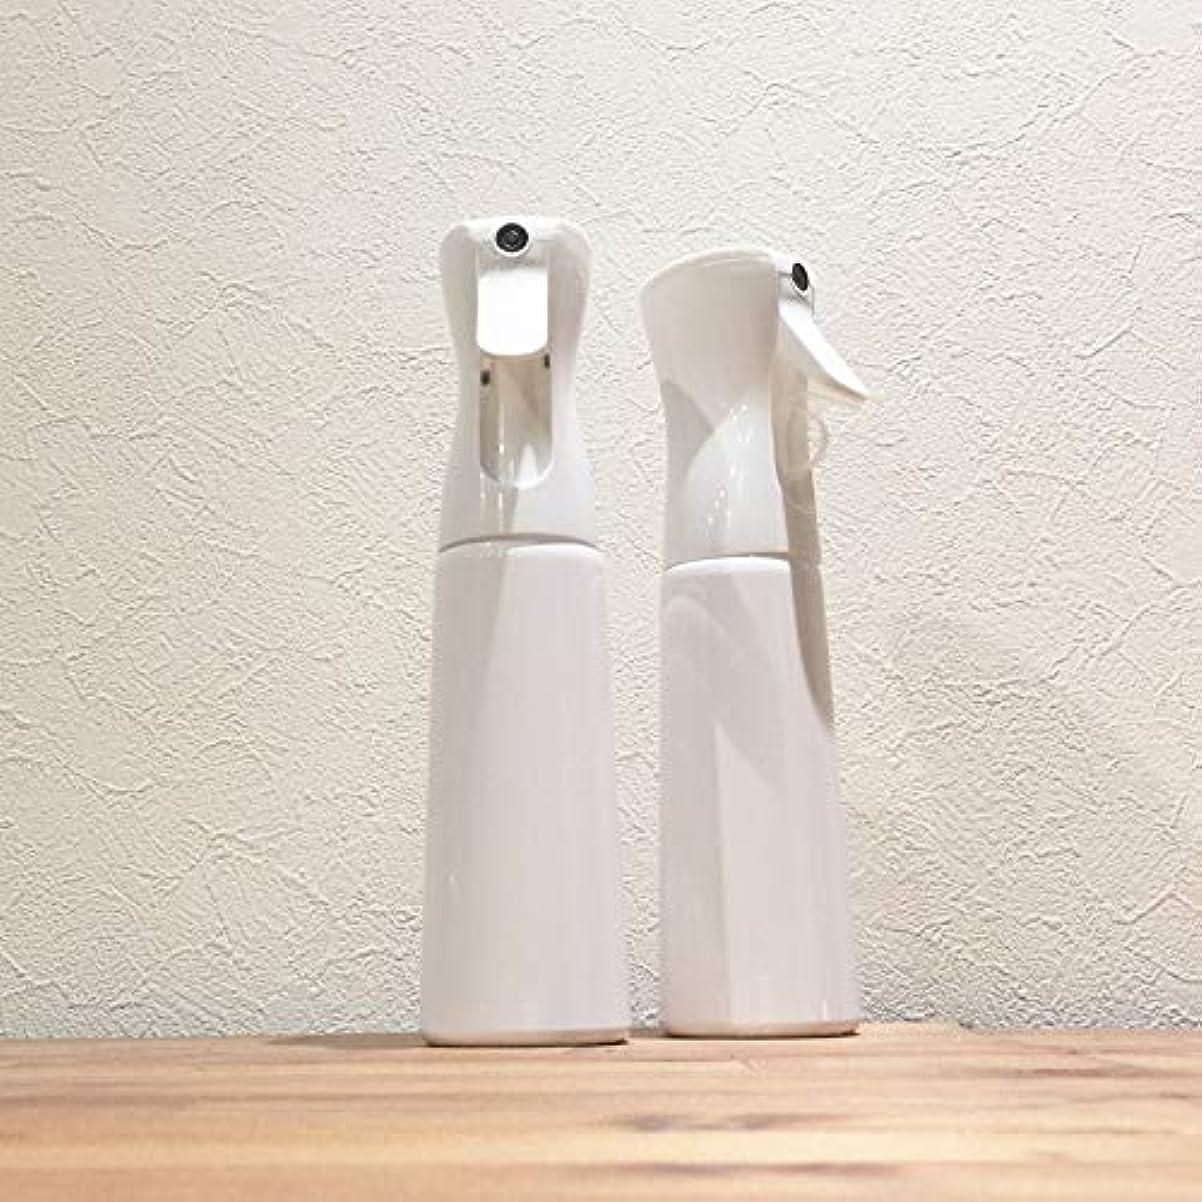 普遍的なアブセイ革命的<2個セット>FLAIROSOL(白×白)タイプ 350ml (350ml 2本セット売り)